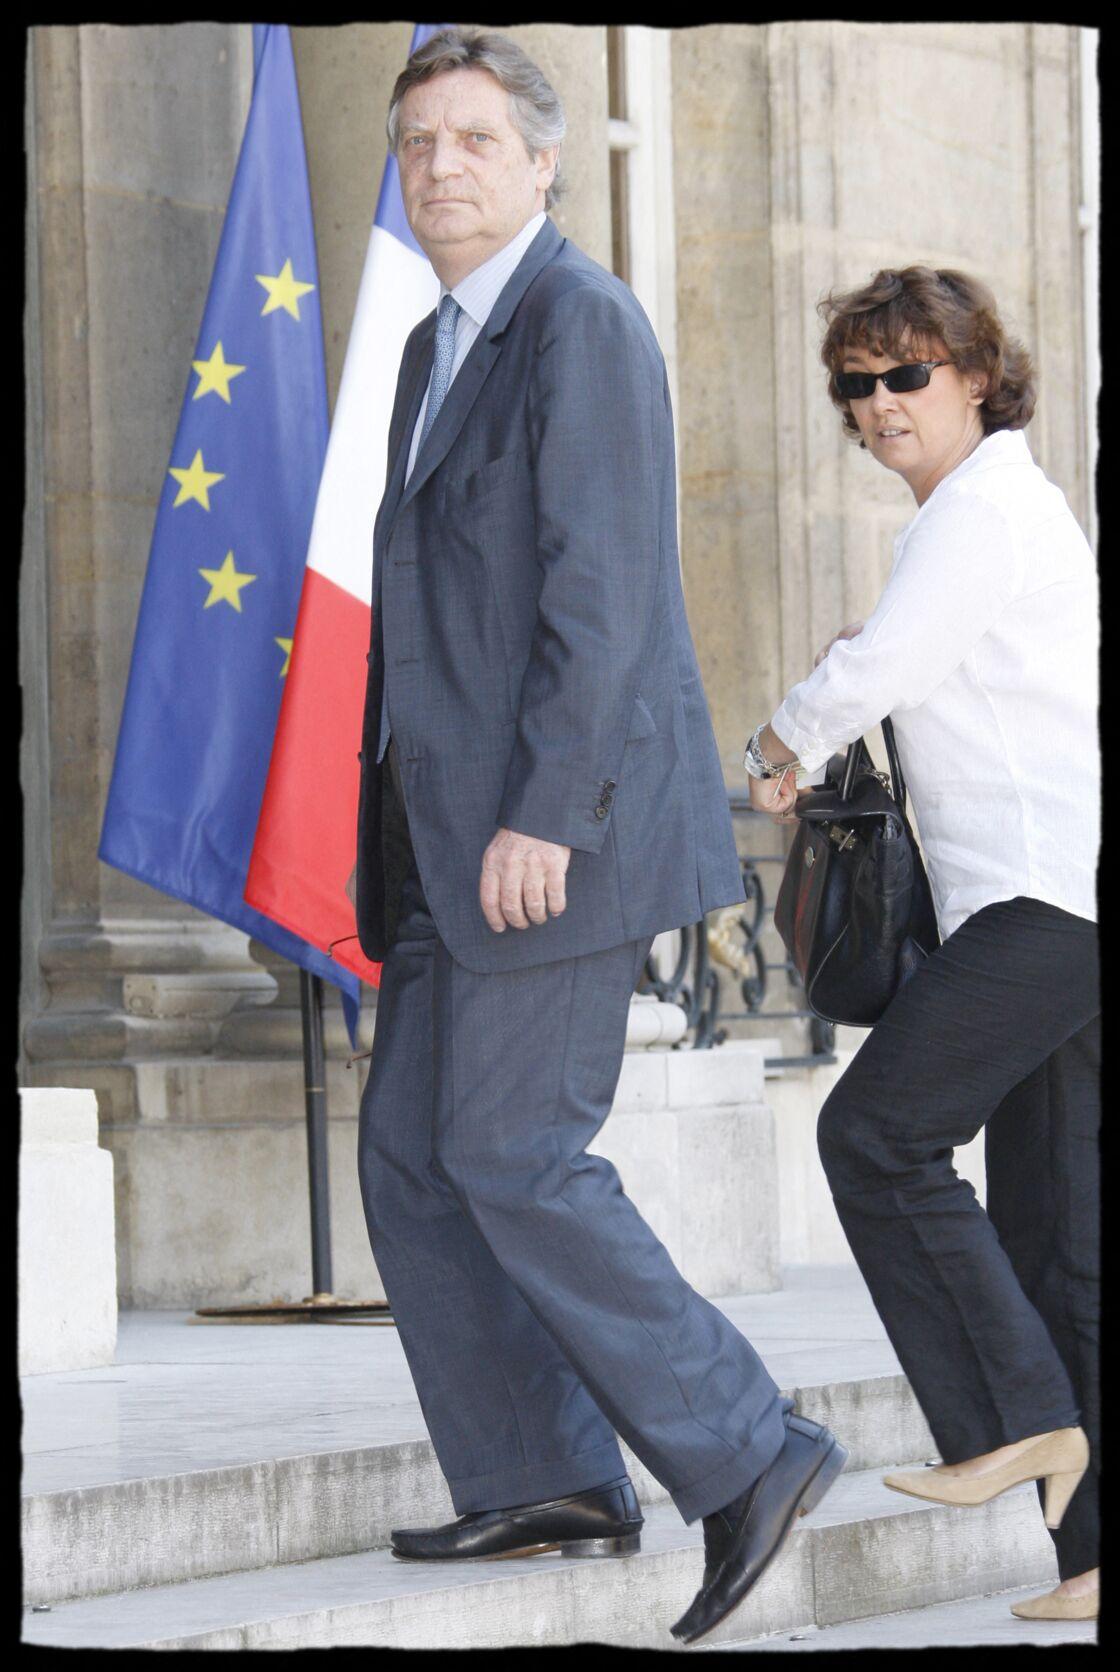 Patrice Duhamel et Nathalie Saint-Cricq lors d'une cérémonie à l'Élysée le 30 juin 2009